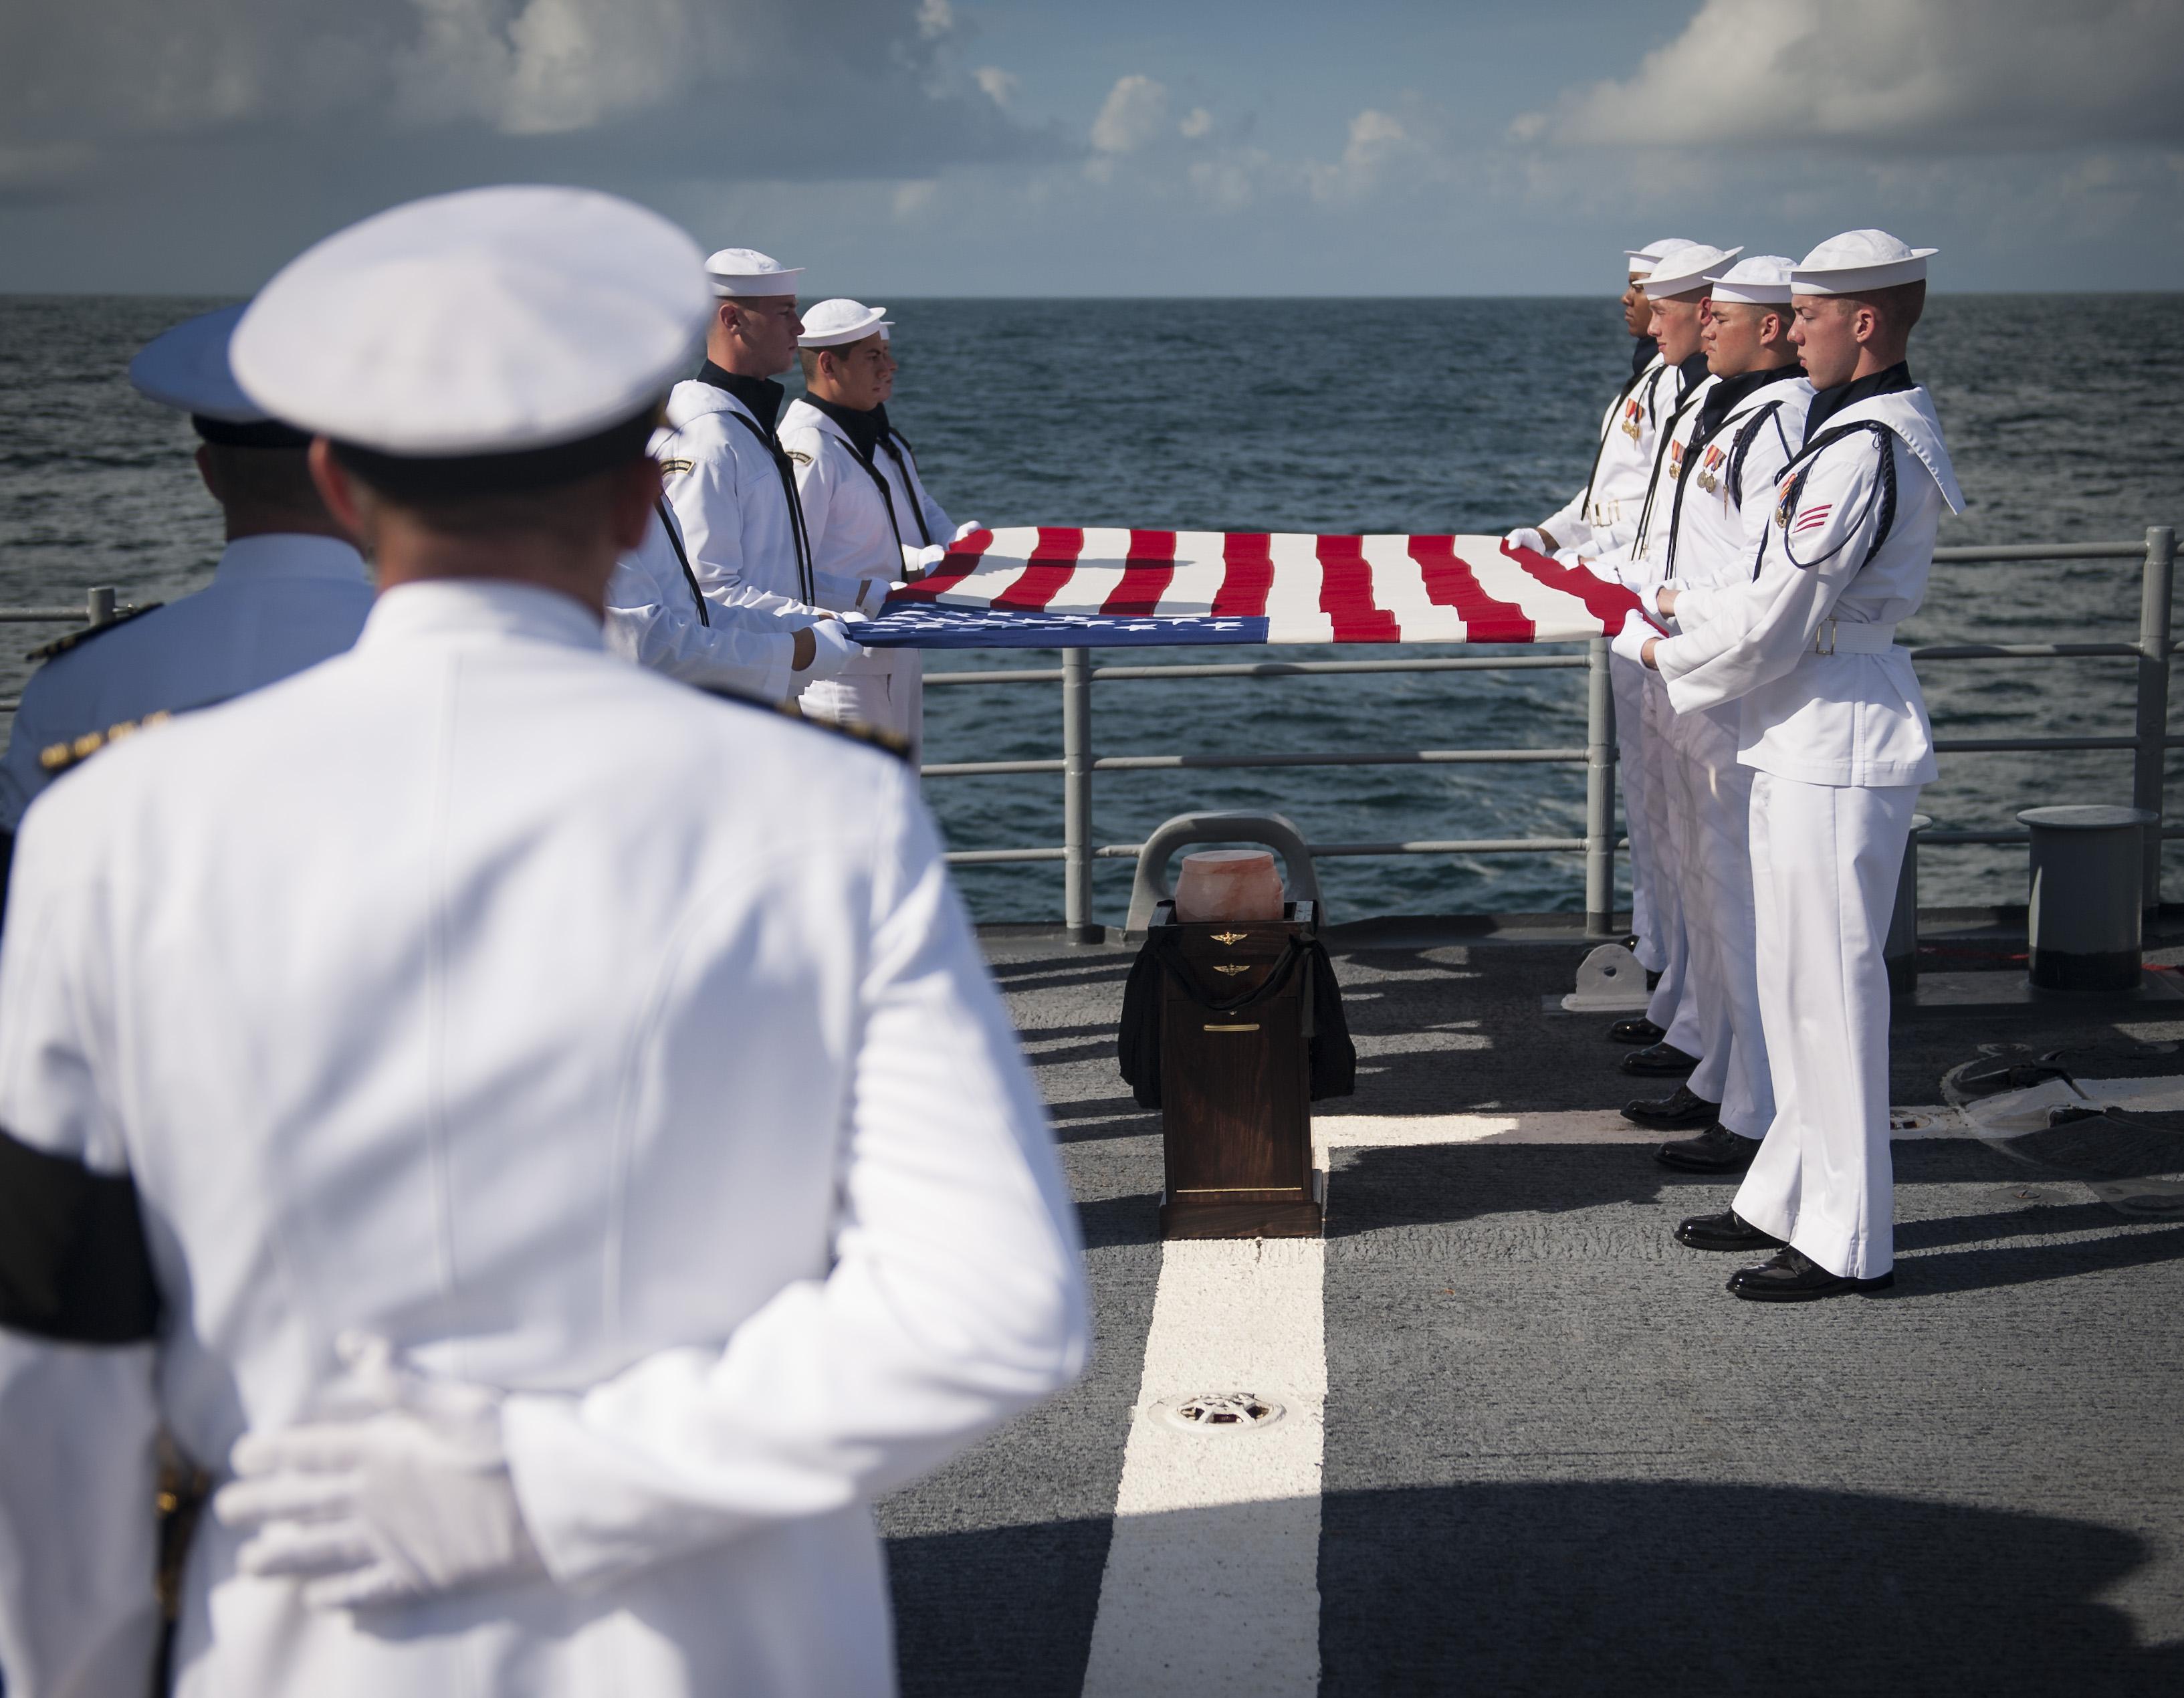 Armstrong Burial at Sea | NASA